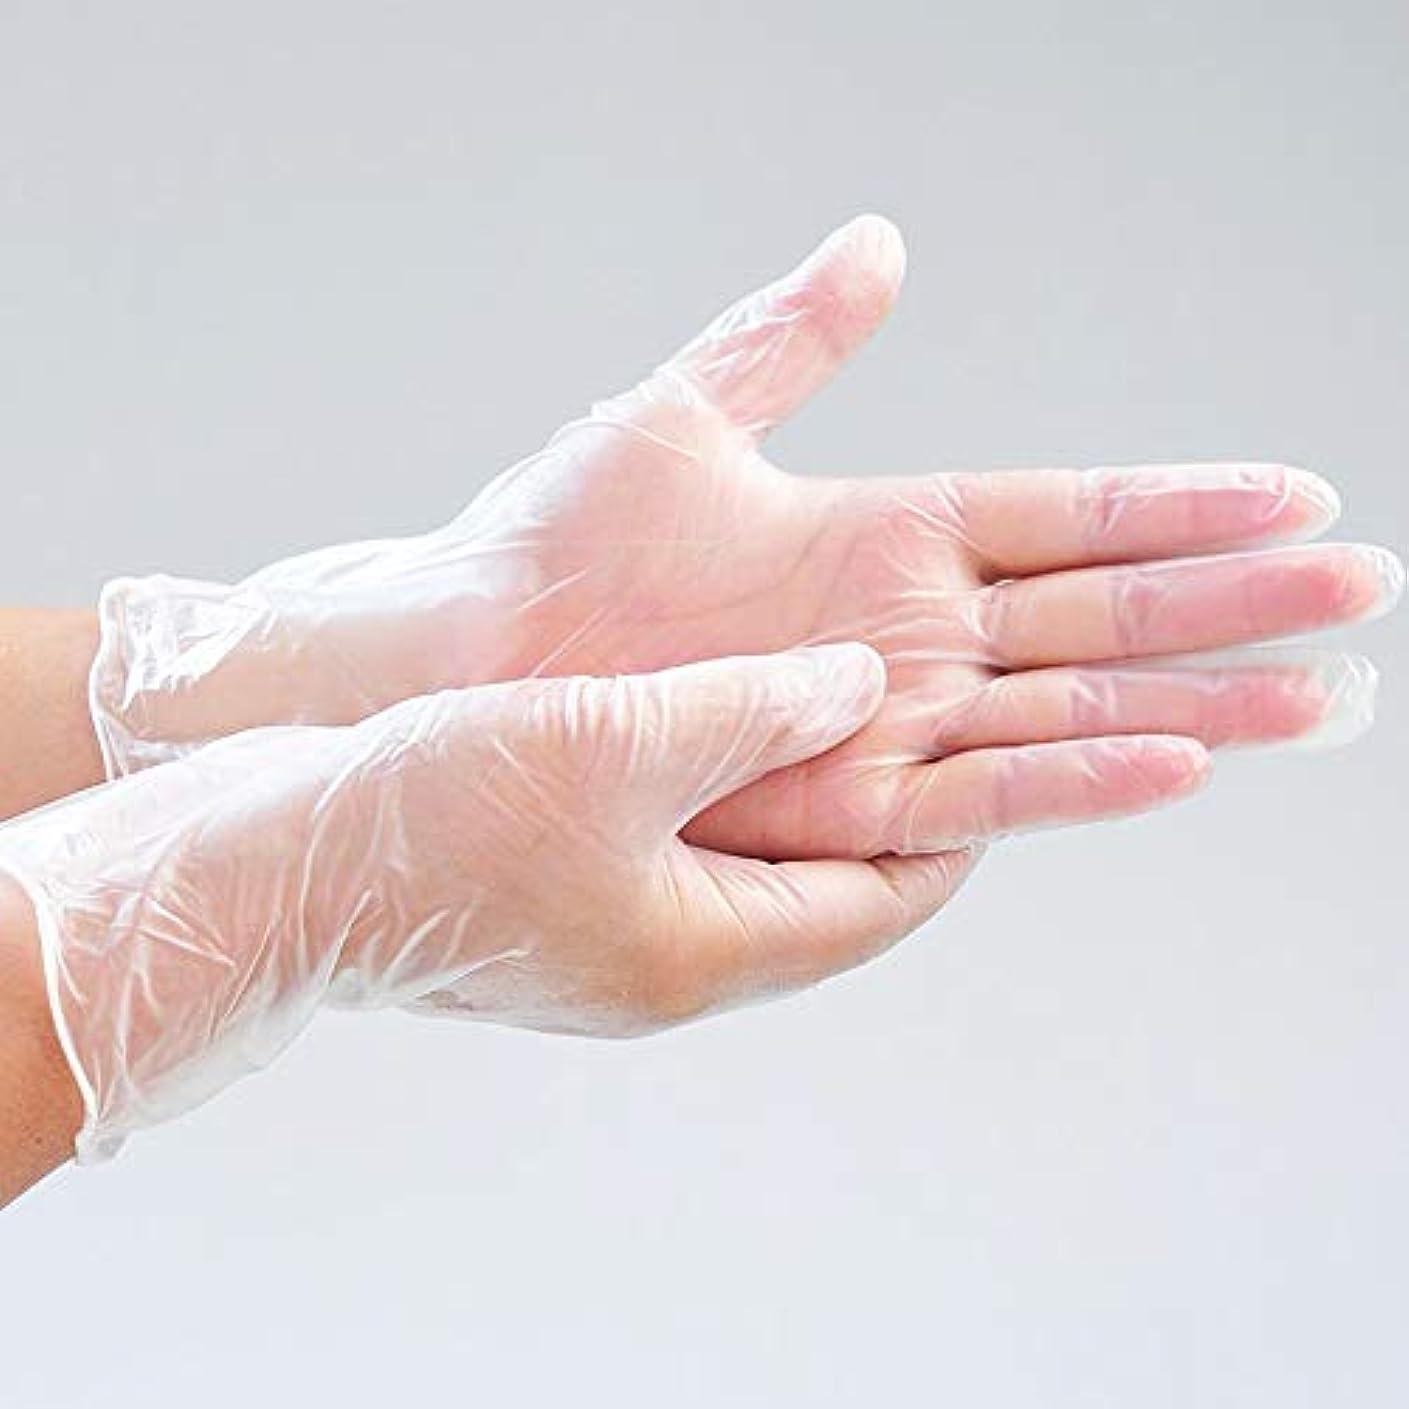 カニアトミック雷雨OWSOO 使い捨てグローブ 使い捨て透明PVC手袋 パウダーフリー 肥厚 防水用 実用 衛生 使い捨て手袋 高温抵抗 引張抵抗 実験室 歯科 炊事 家事 バーベキュー ケータリング ホーム用 透明 100ピース L